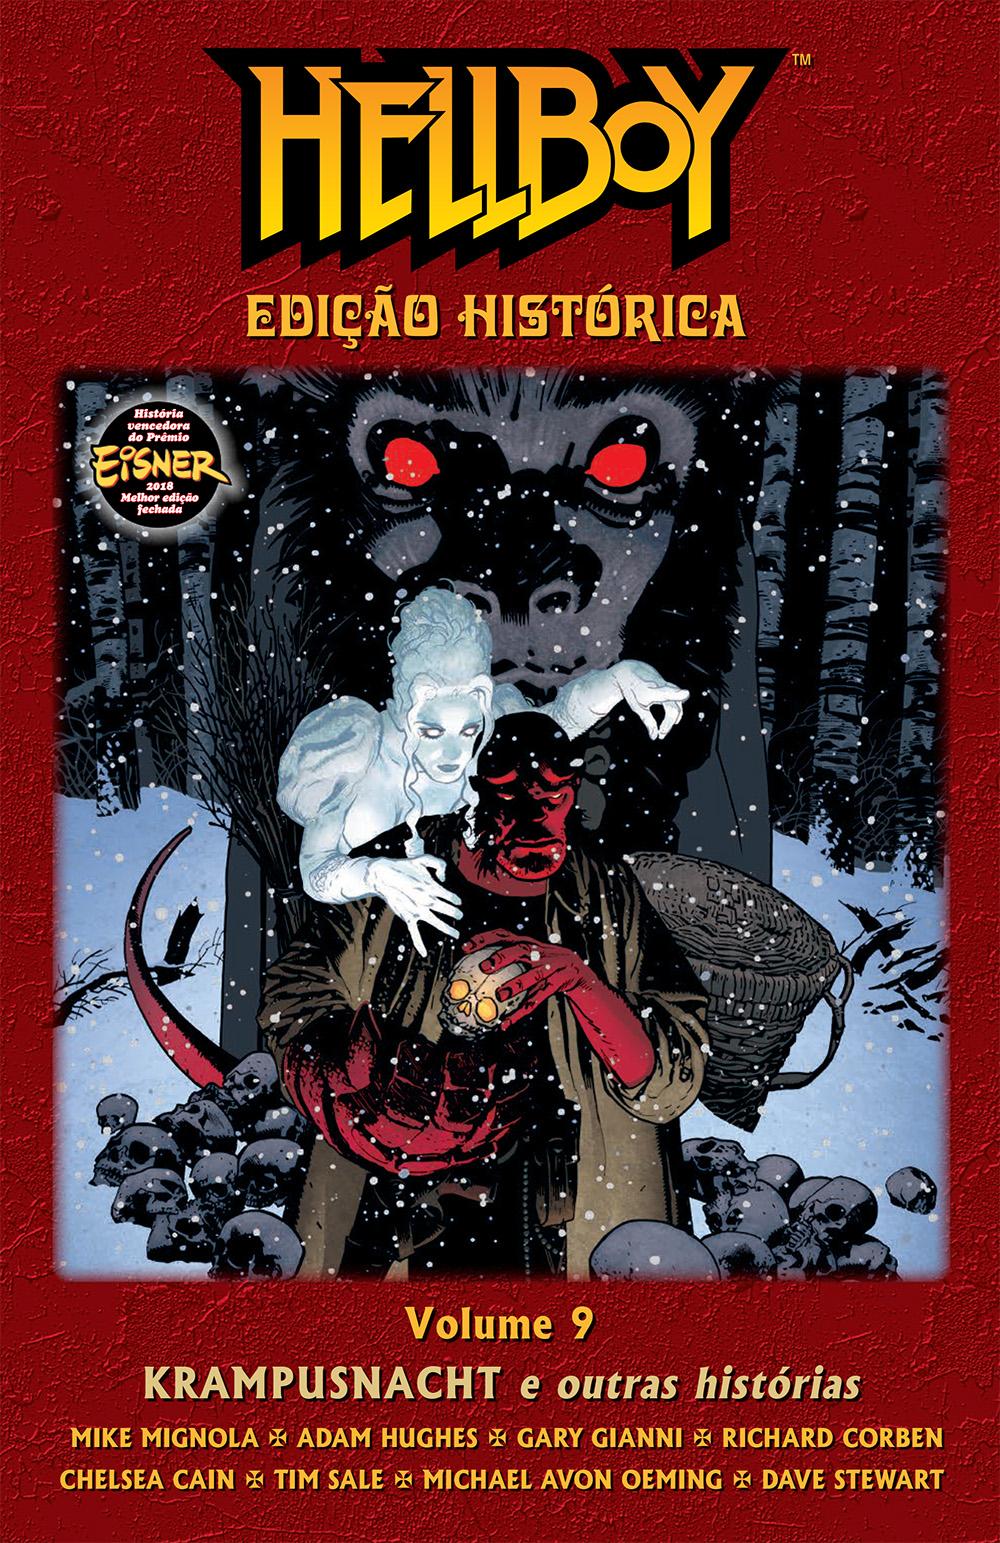 HELLBOY ED HISTÓRICA VOL. 09